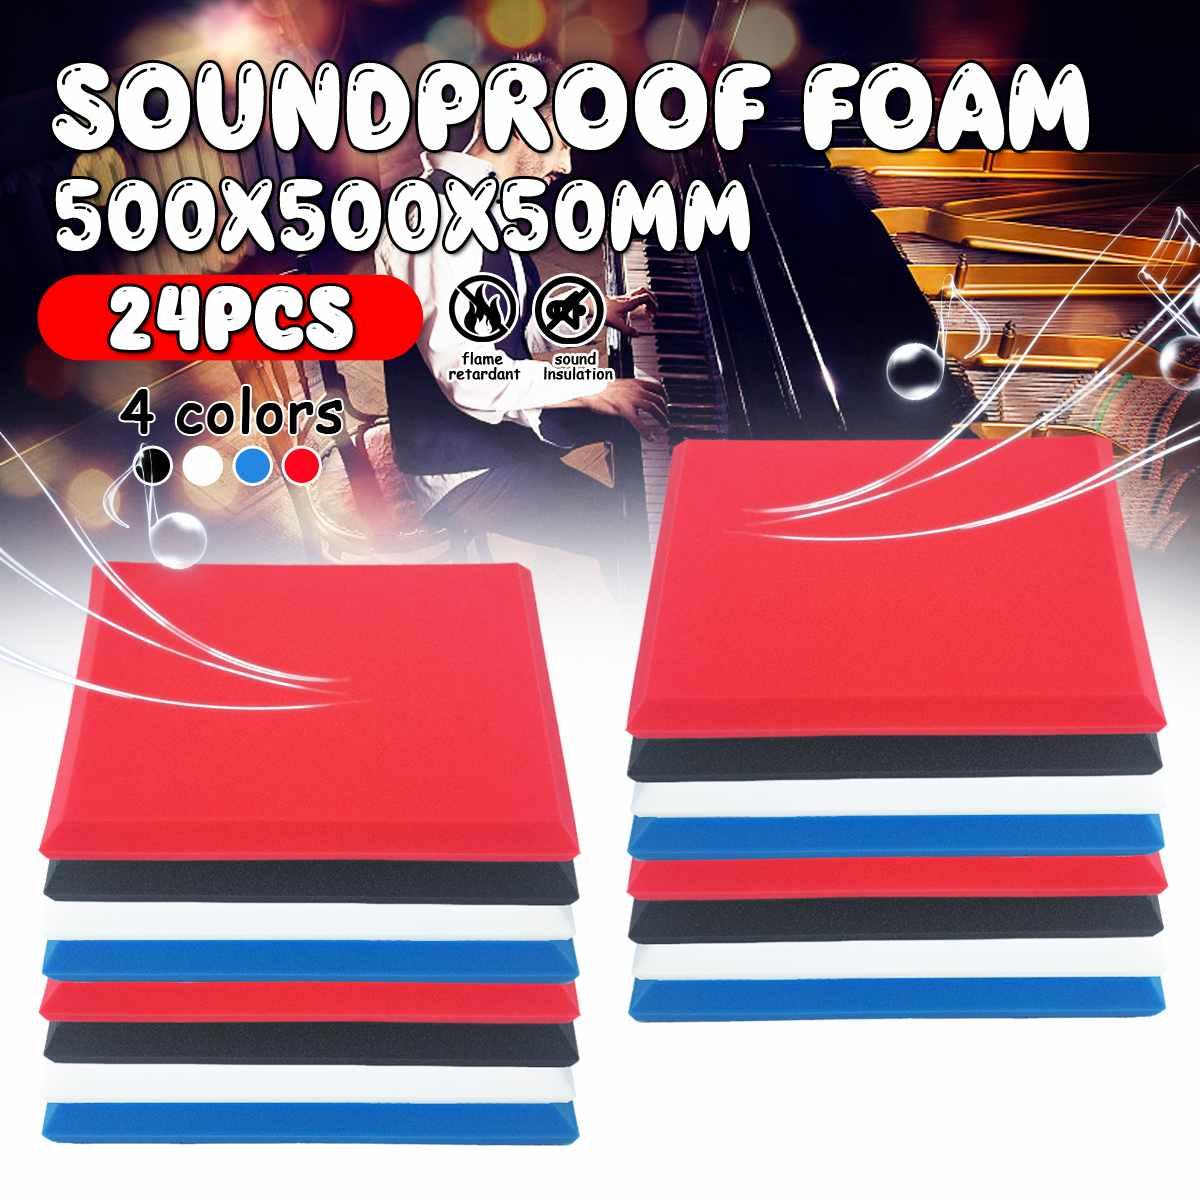 24 pièces 50x50x5 cm Studio acoustique insonorisé mousse Absorption acoustique traitement panneau tuile Wedge protection éponge 4 couleurs